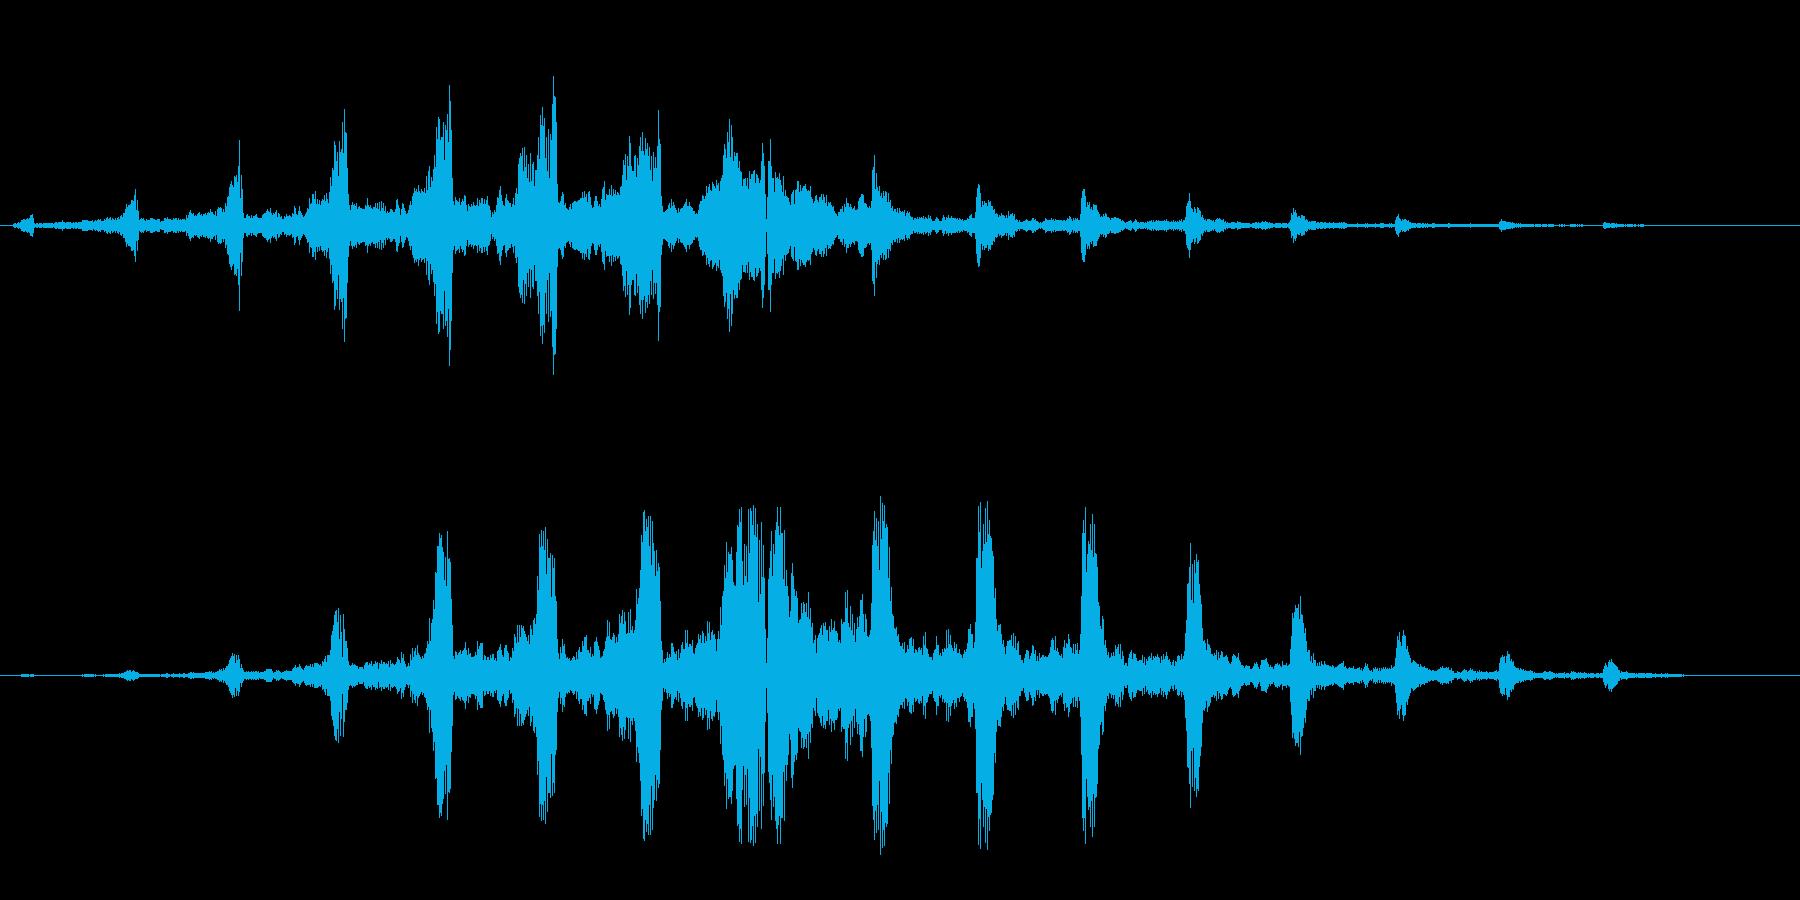 シュリリ(鳴き声・回転系の音)の再生済みの波形